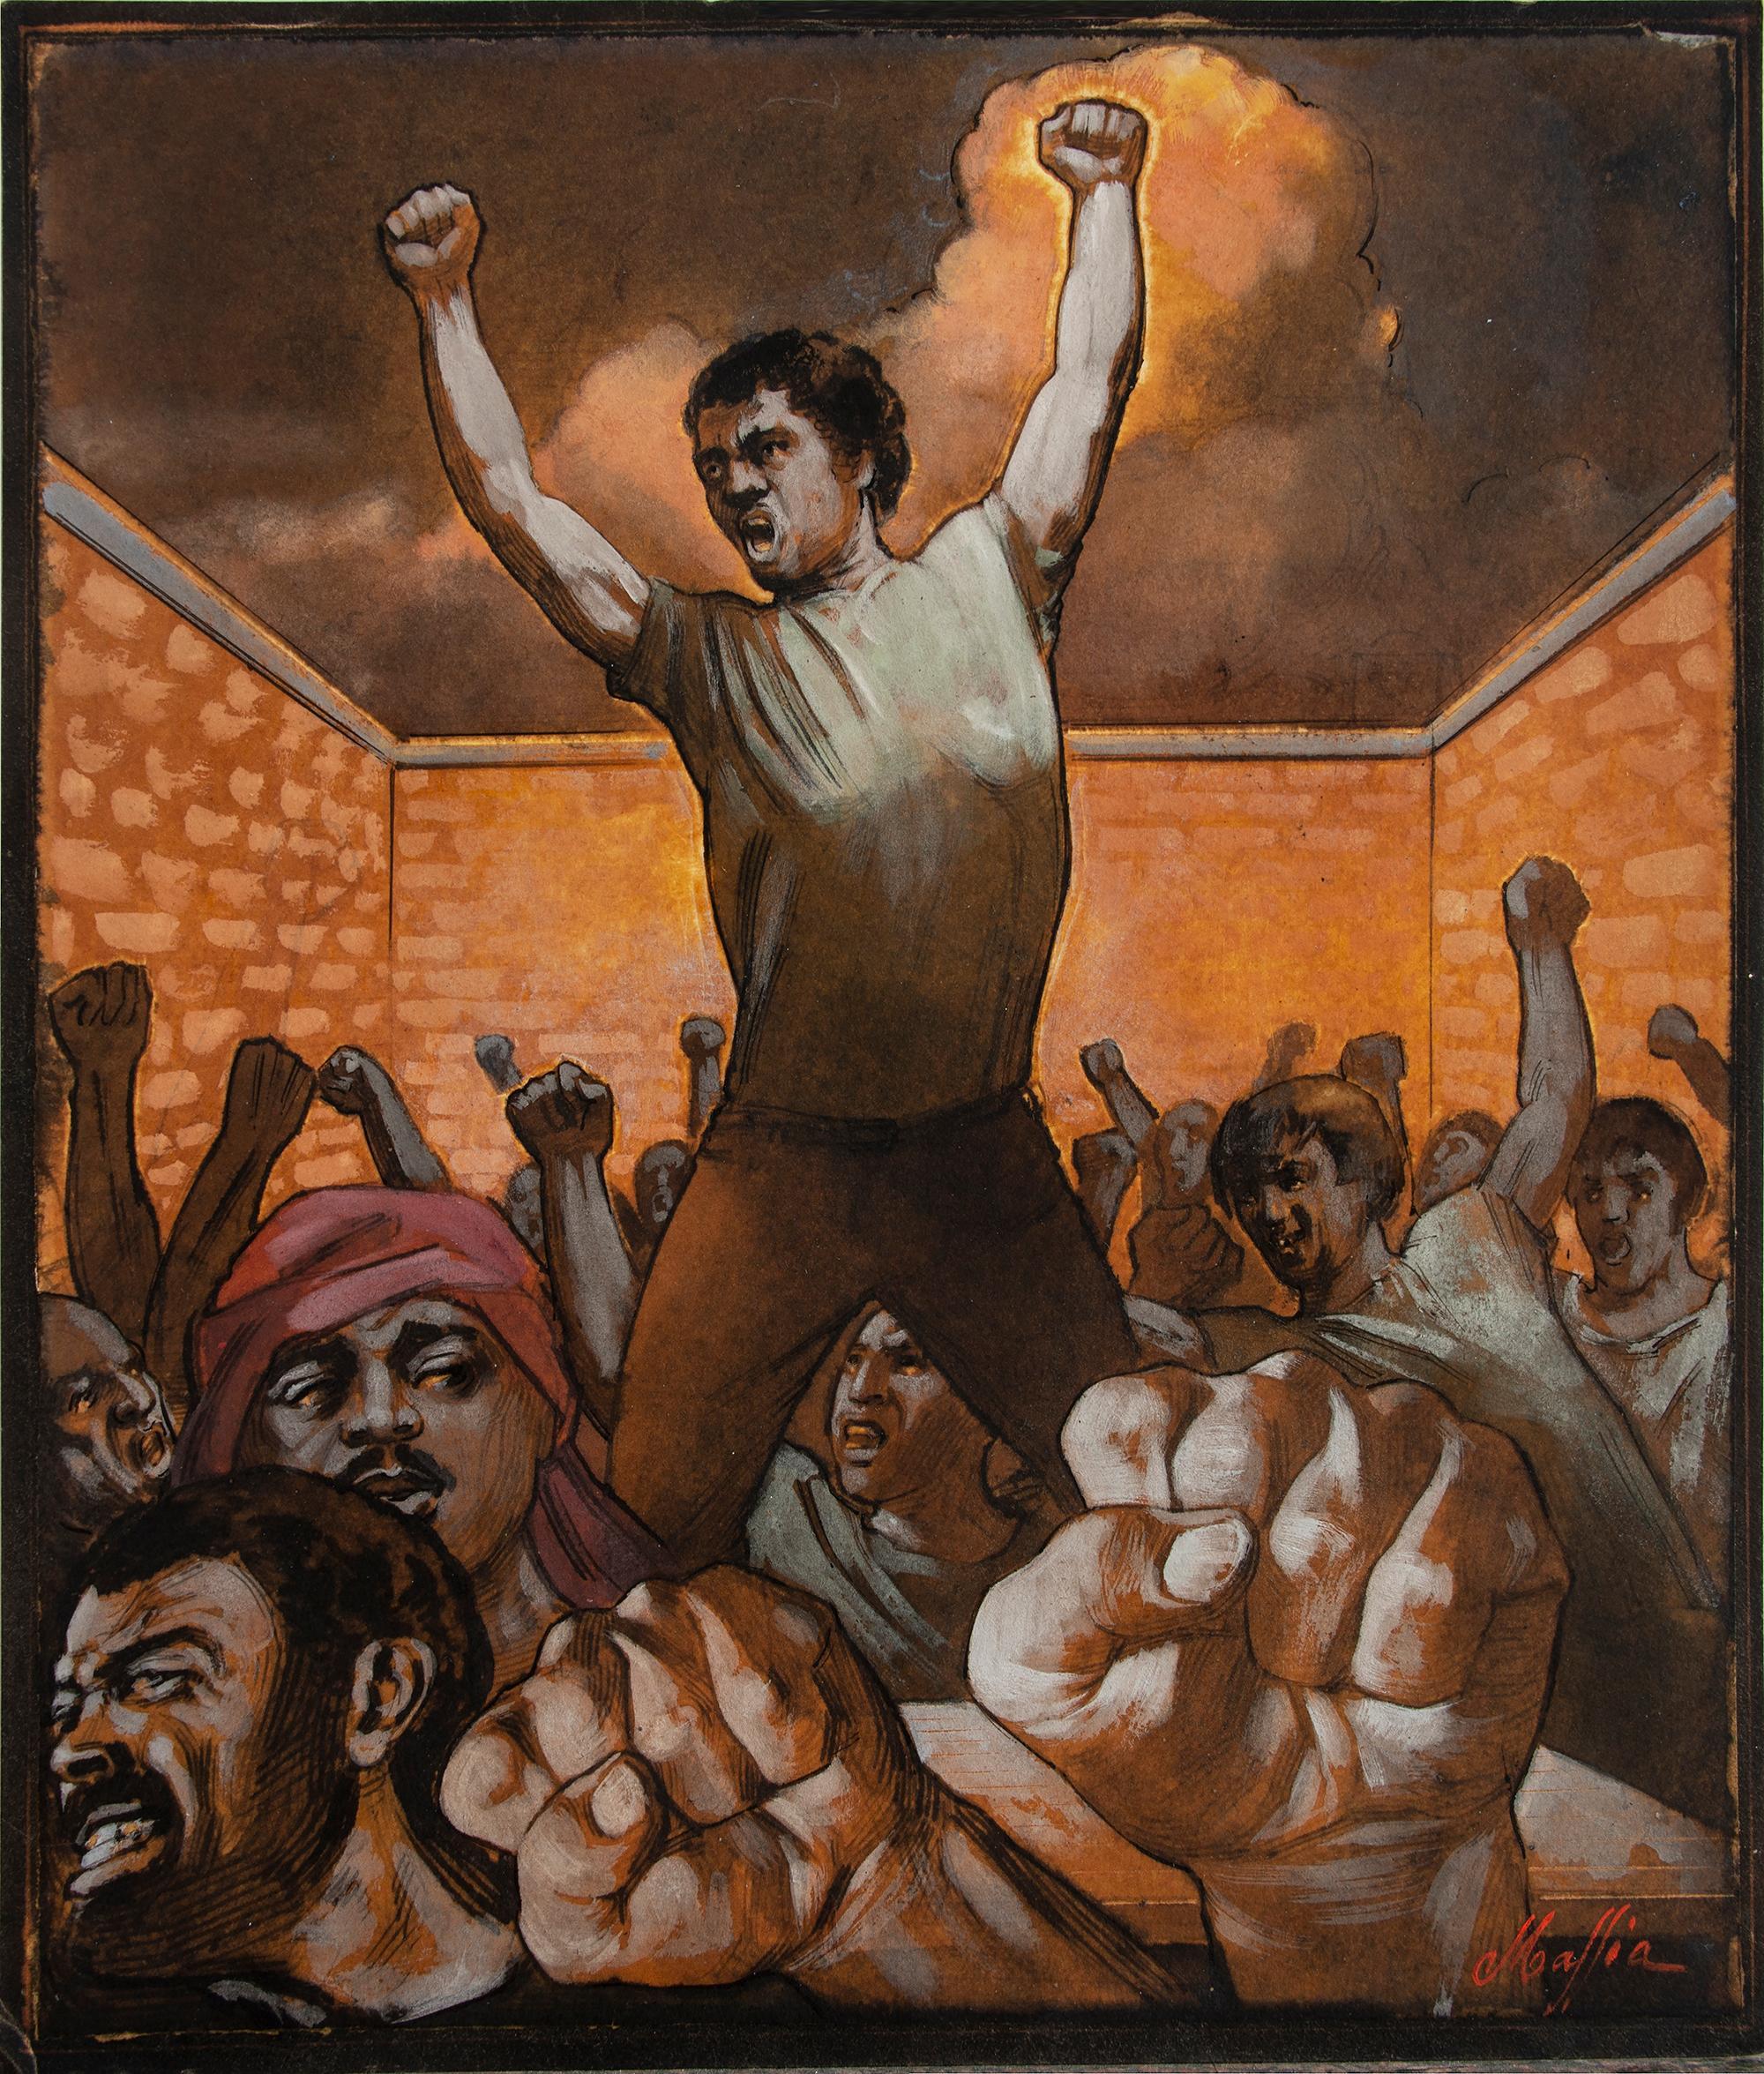 Protest Revolt and Uprising illustration